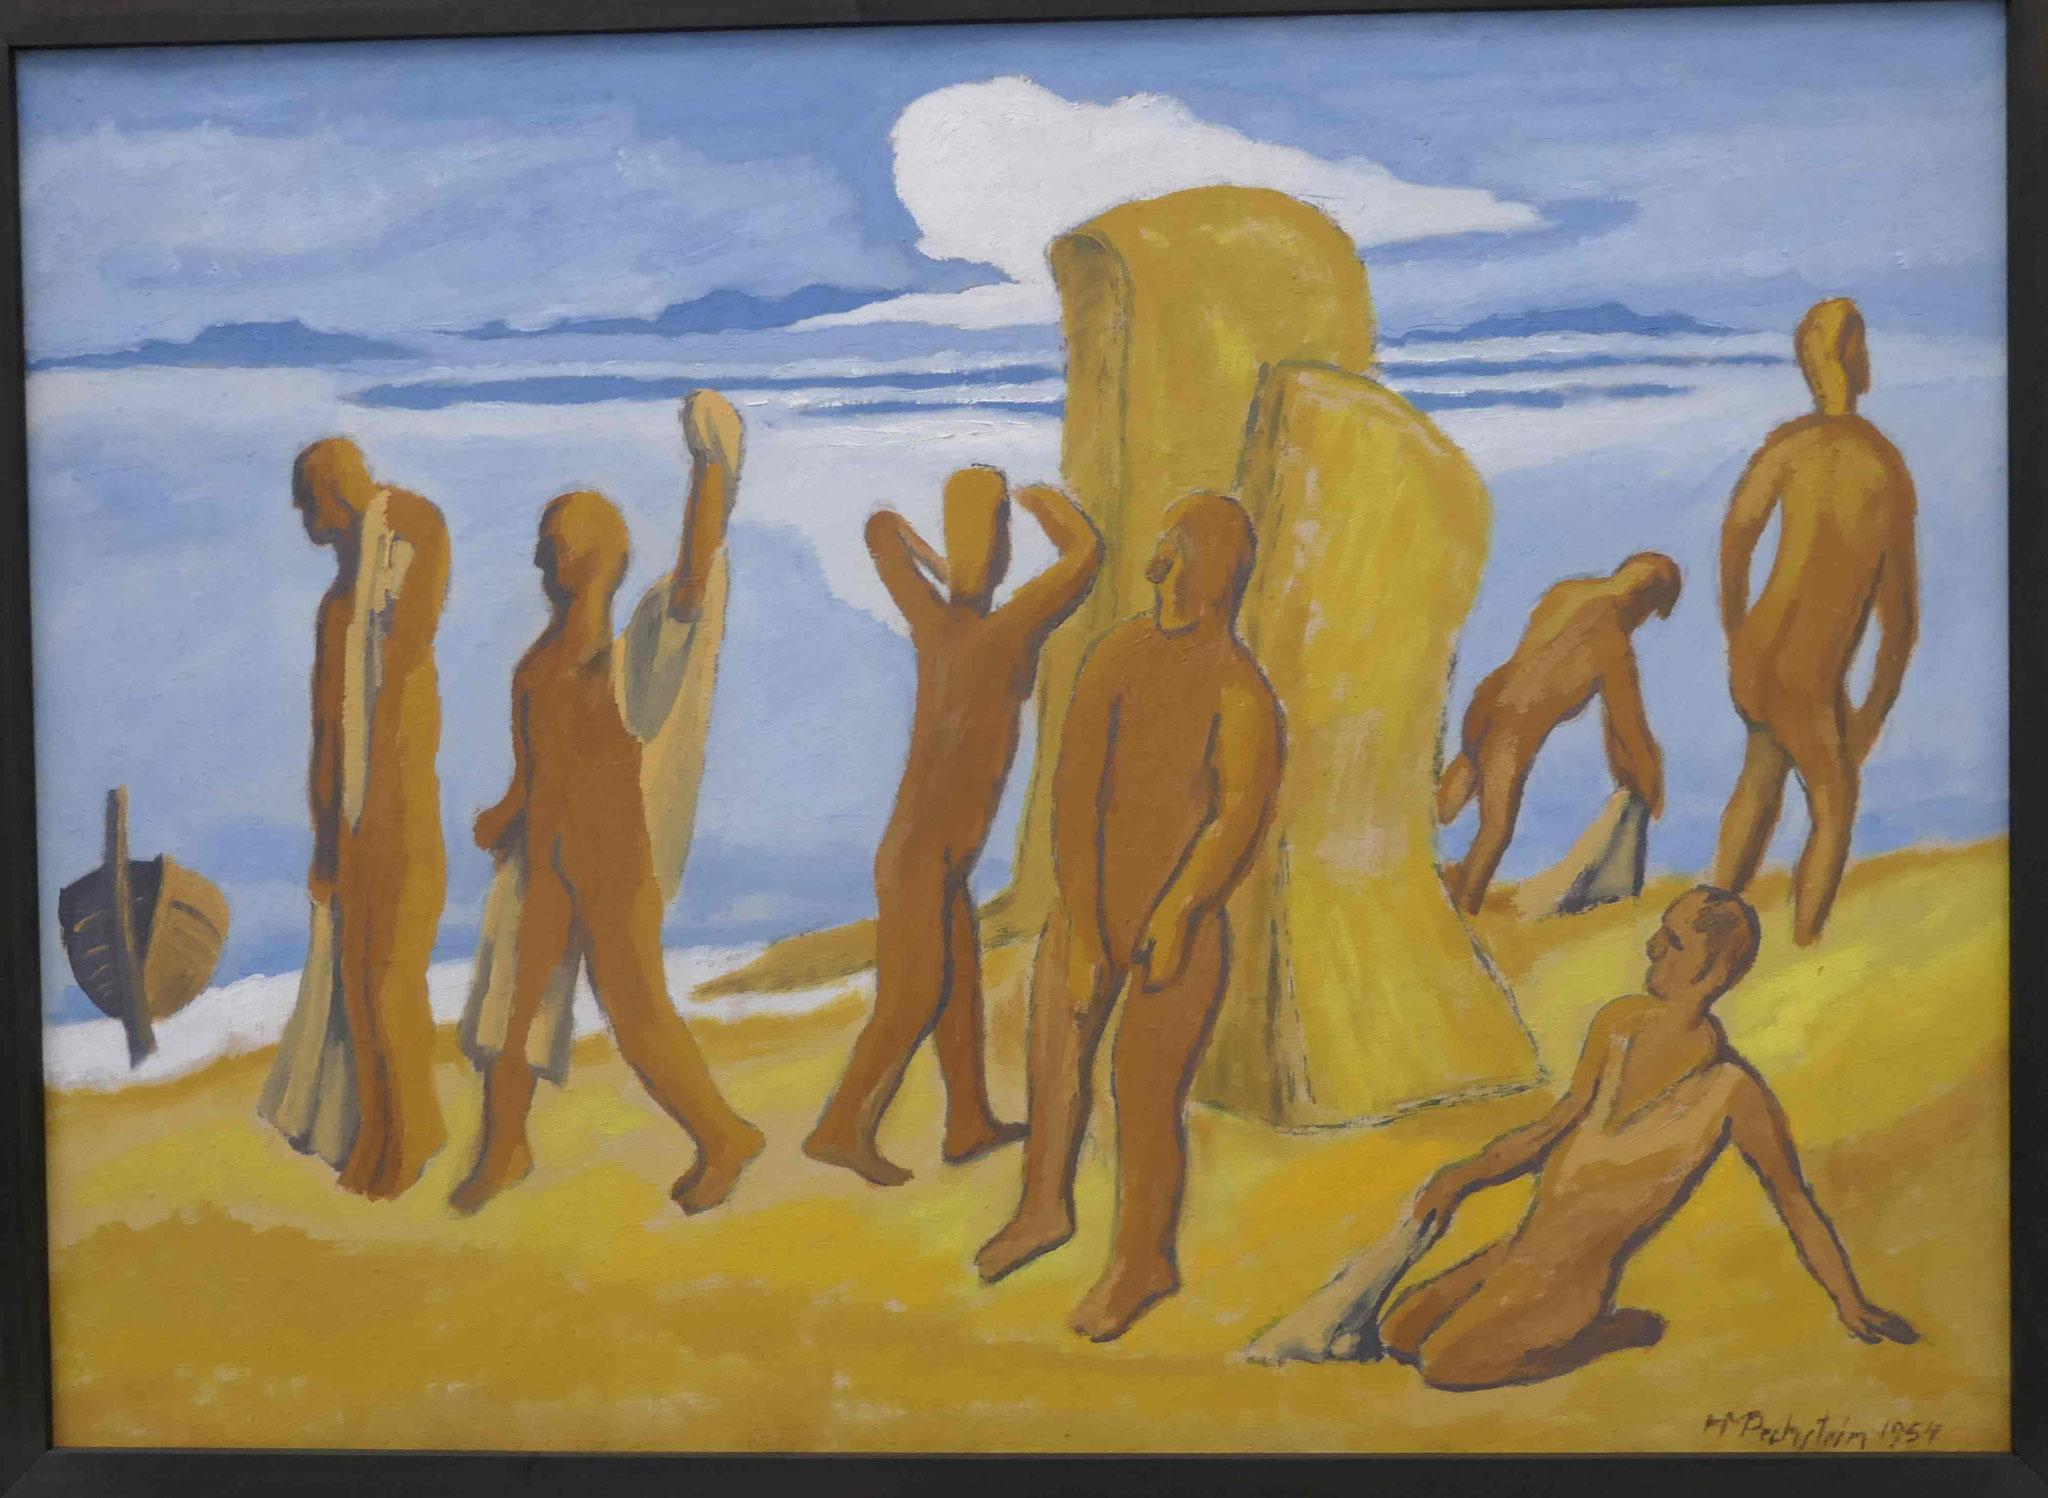 Max Pechstein, Am Strand, Kunsthalle zu Kiel